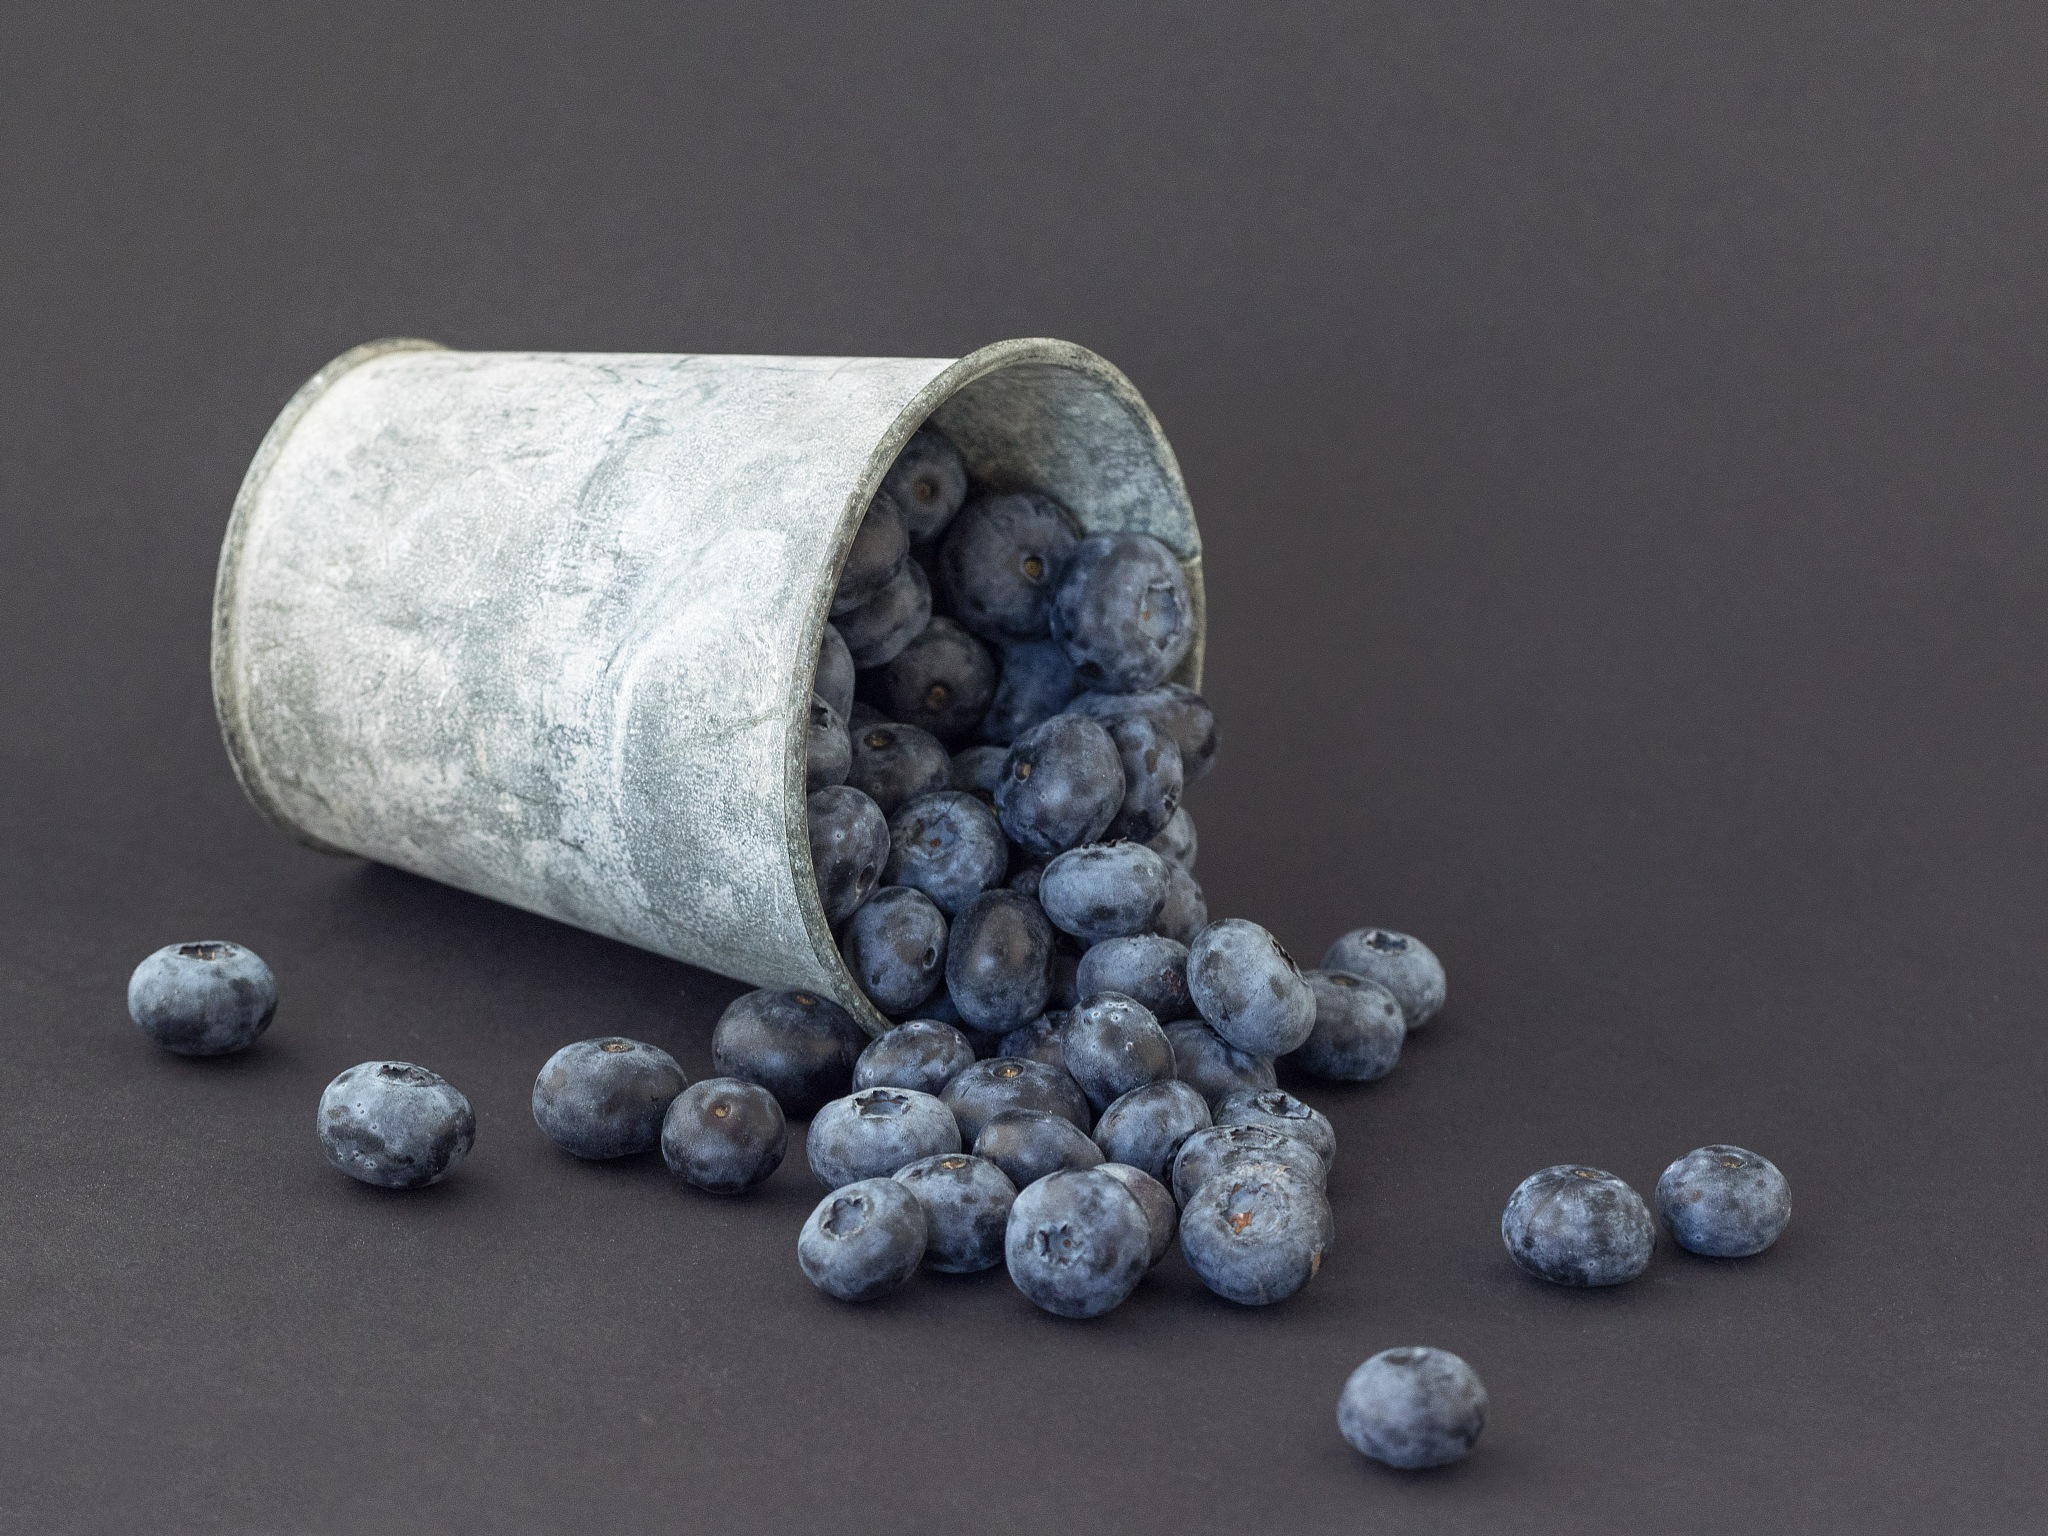 Blauwe bessen by gezienapomplooman